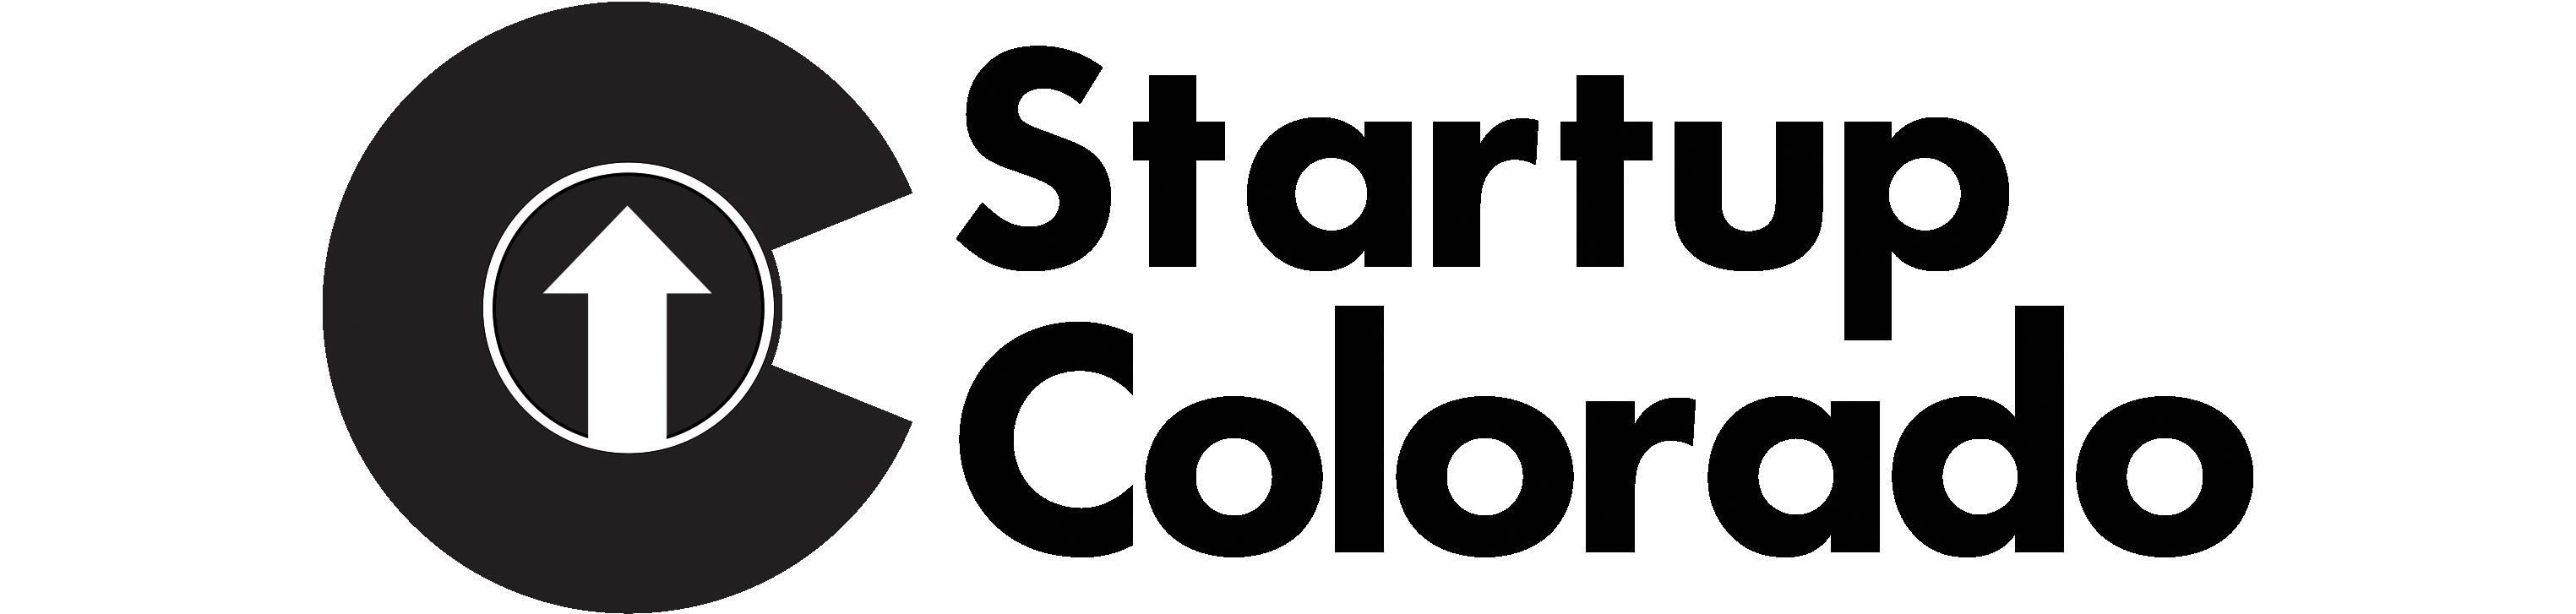 Startup Colorado logo